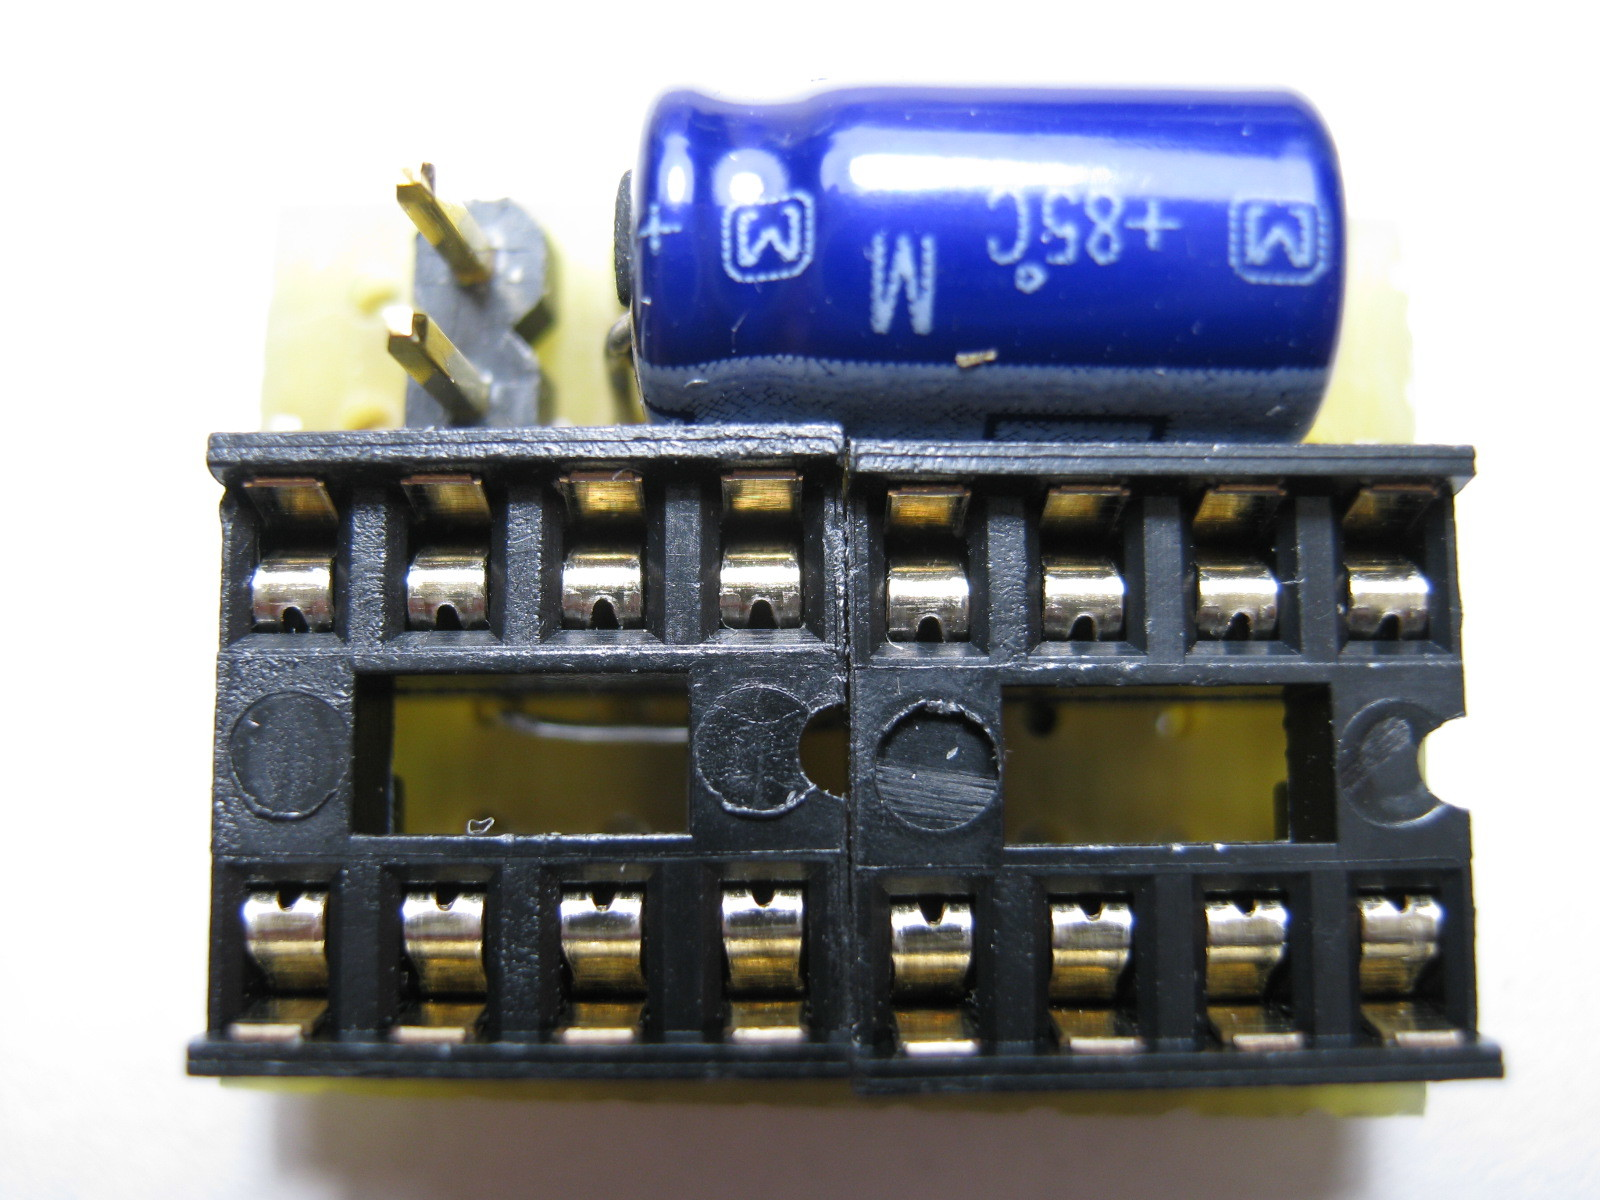 ミミクリーペット4(ボイスレコーダー・チェンジャー換装)基板1表